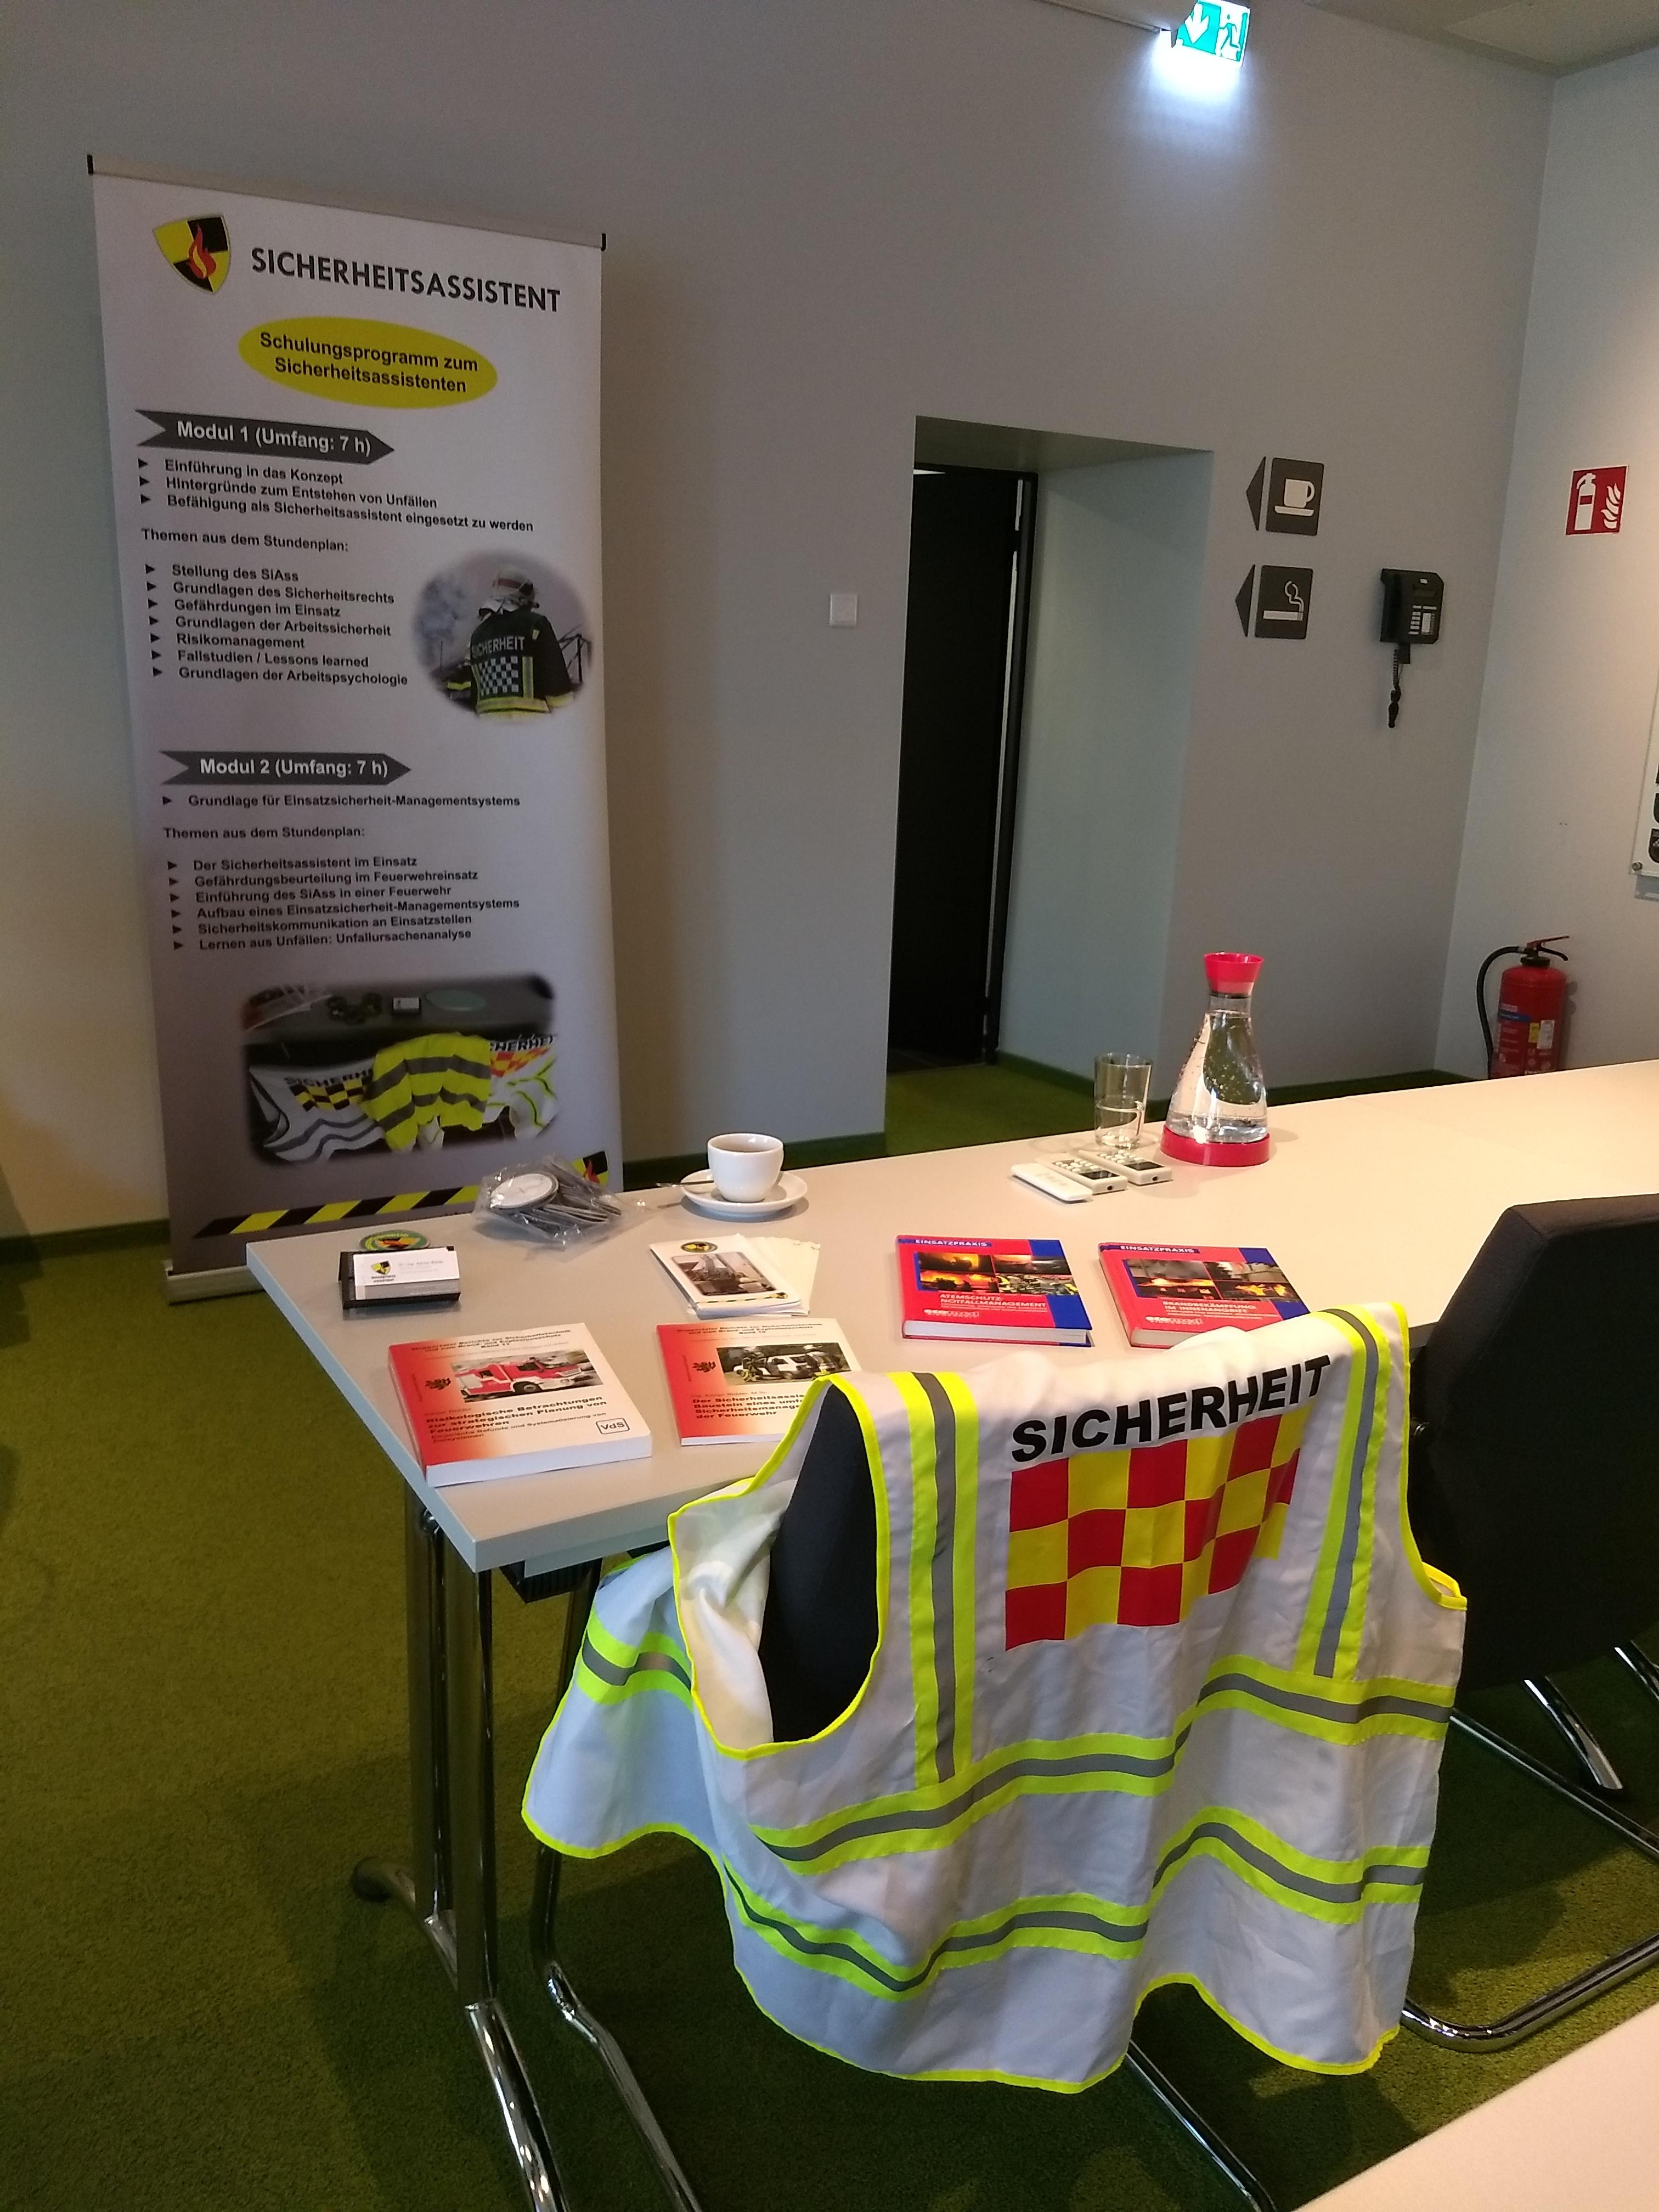 15 neue SiAss mit dem Verband der Feuerwehren NRW ausgebildet